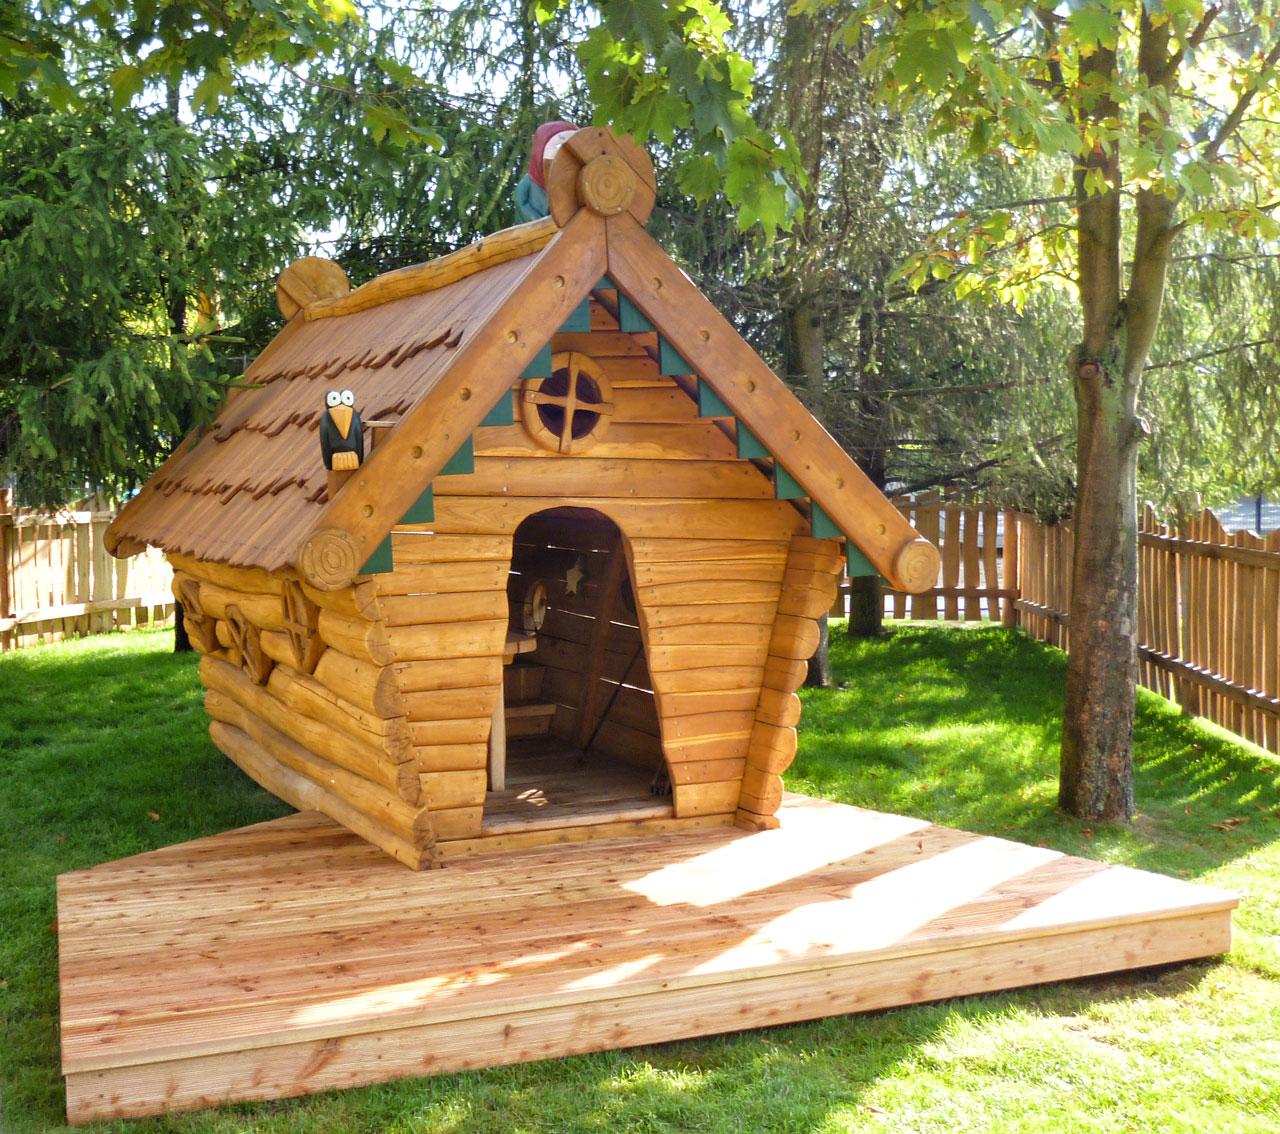 C 158 Spielhaus Hexenhaus mit Hexe aus Robinie